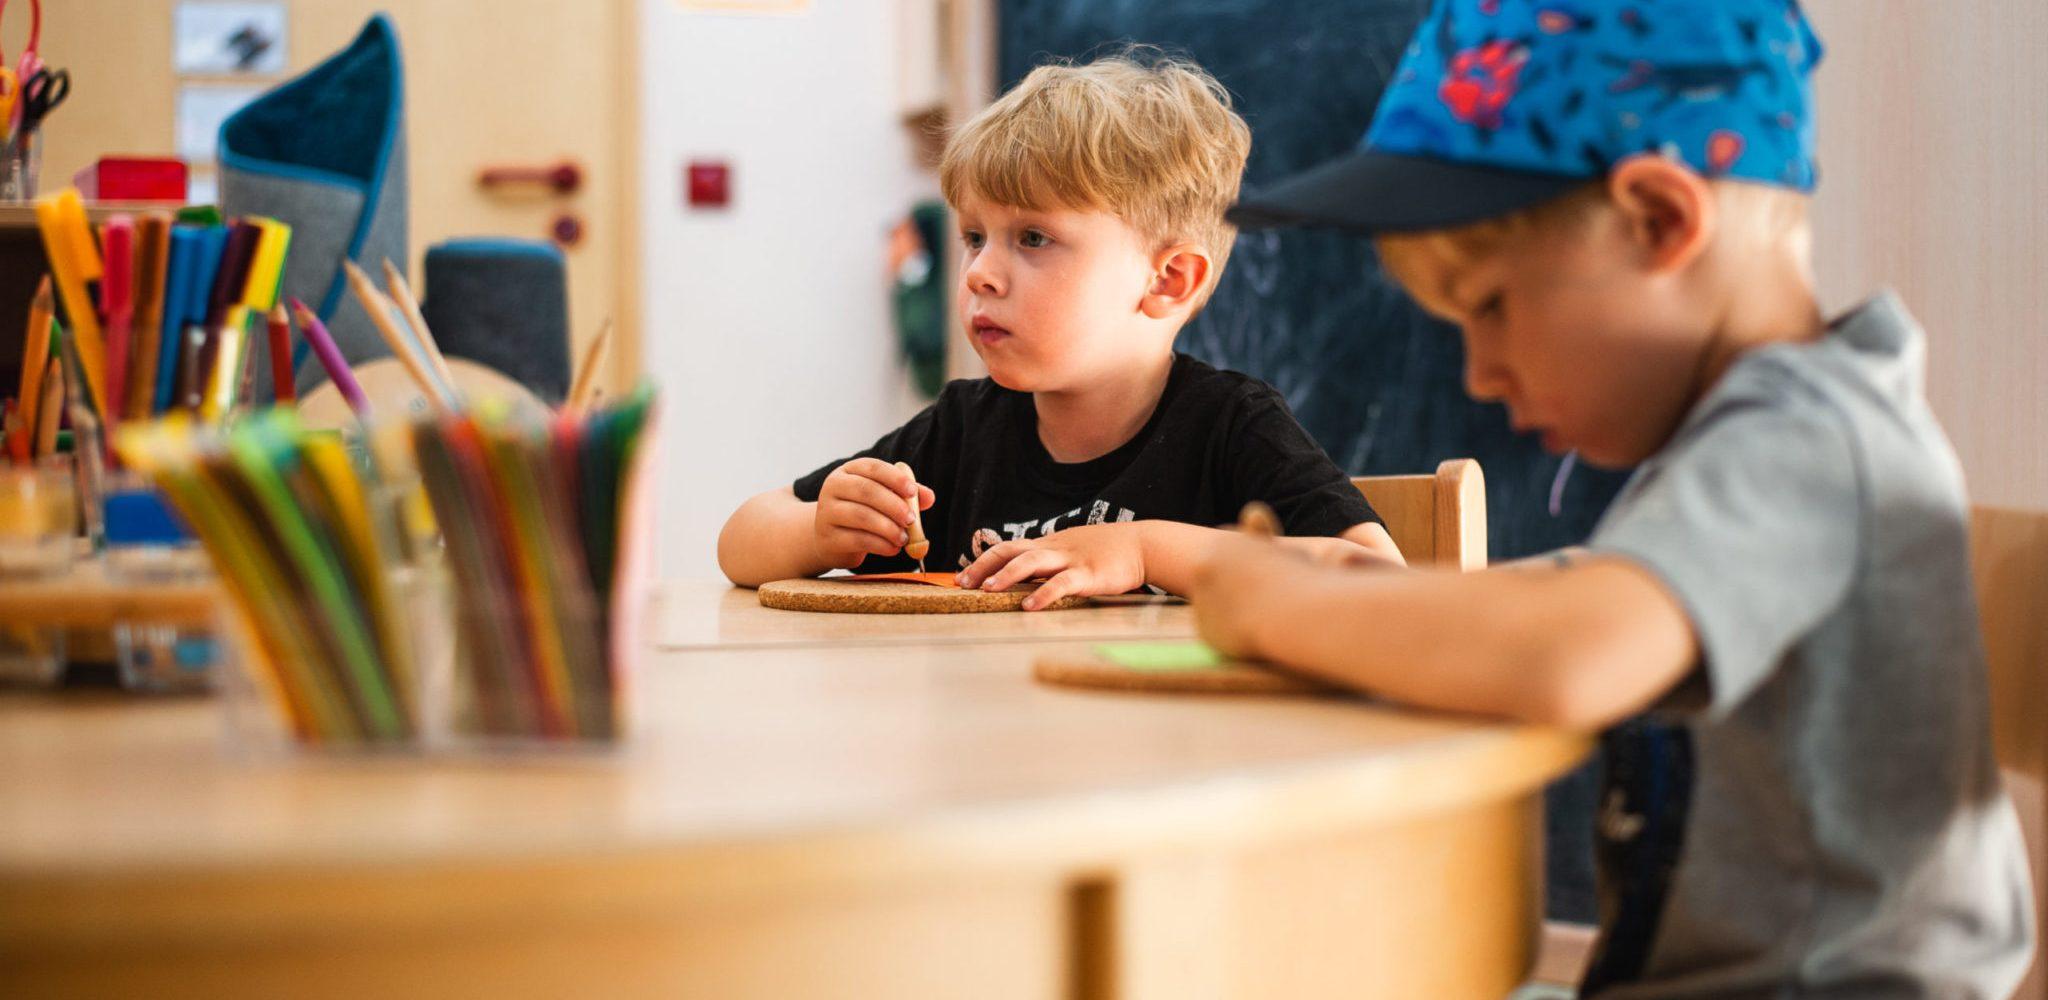 sophiawald-werbefotografie-kindergarten-fotoshooting-website-bilder-malen